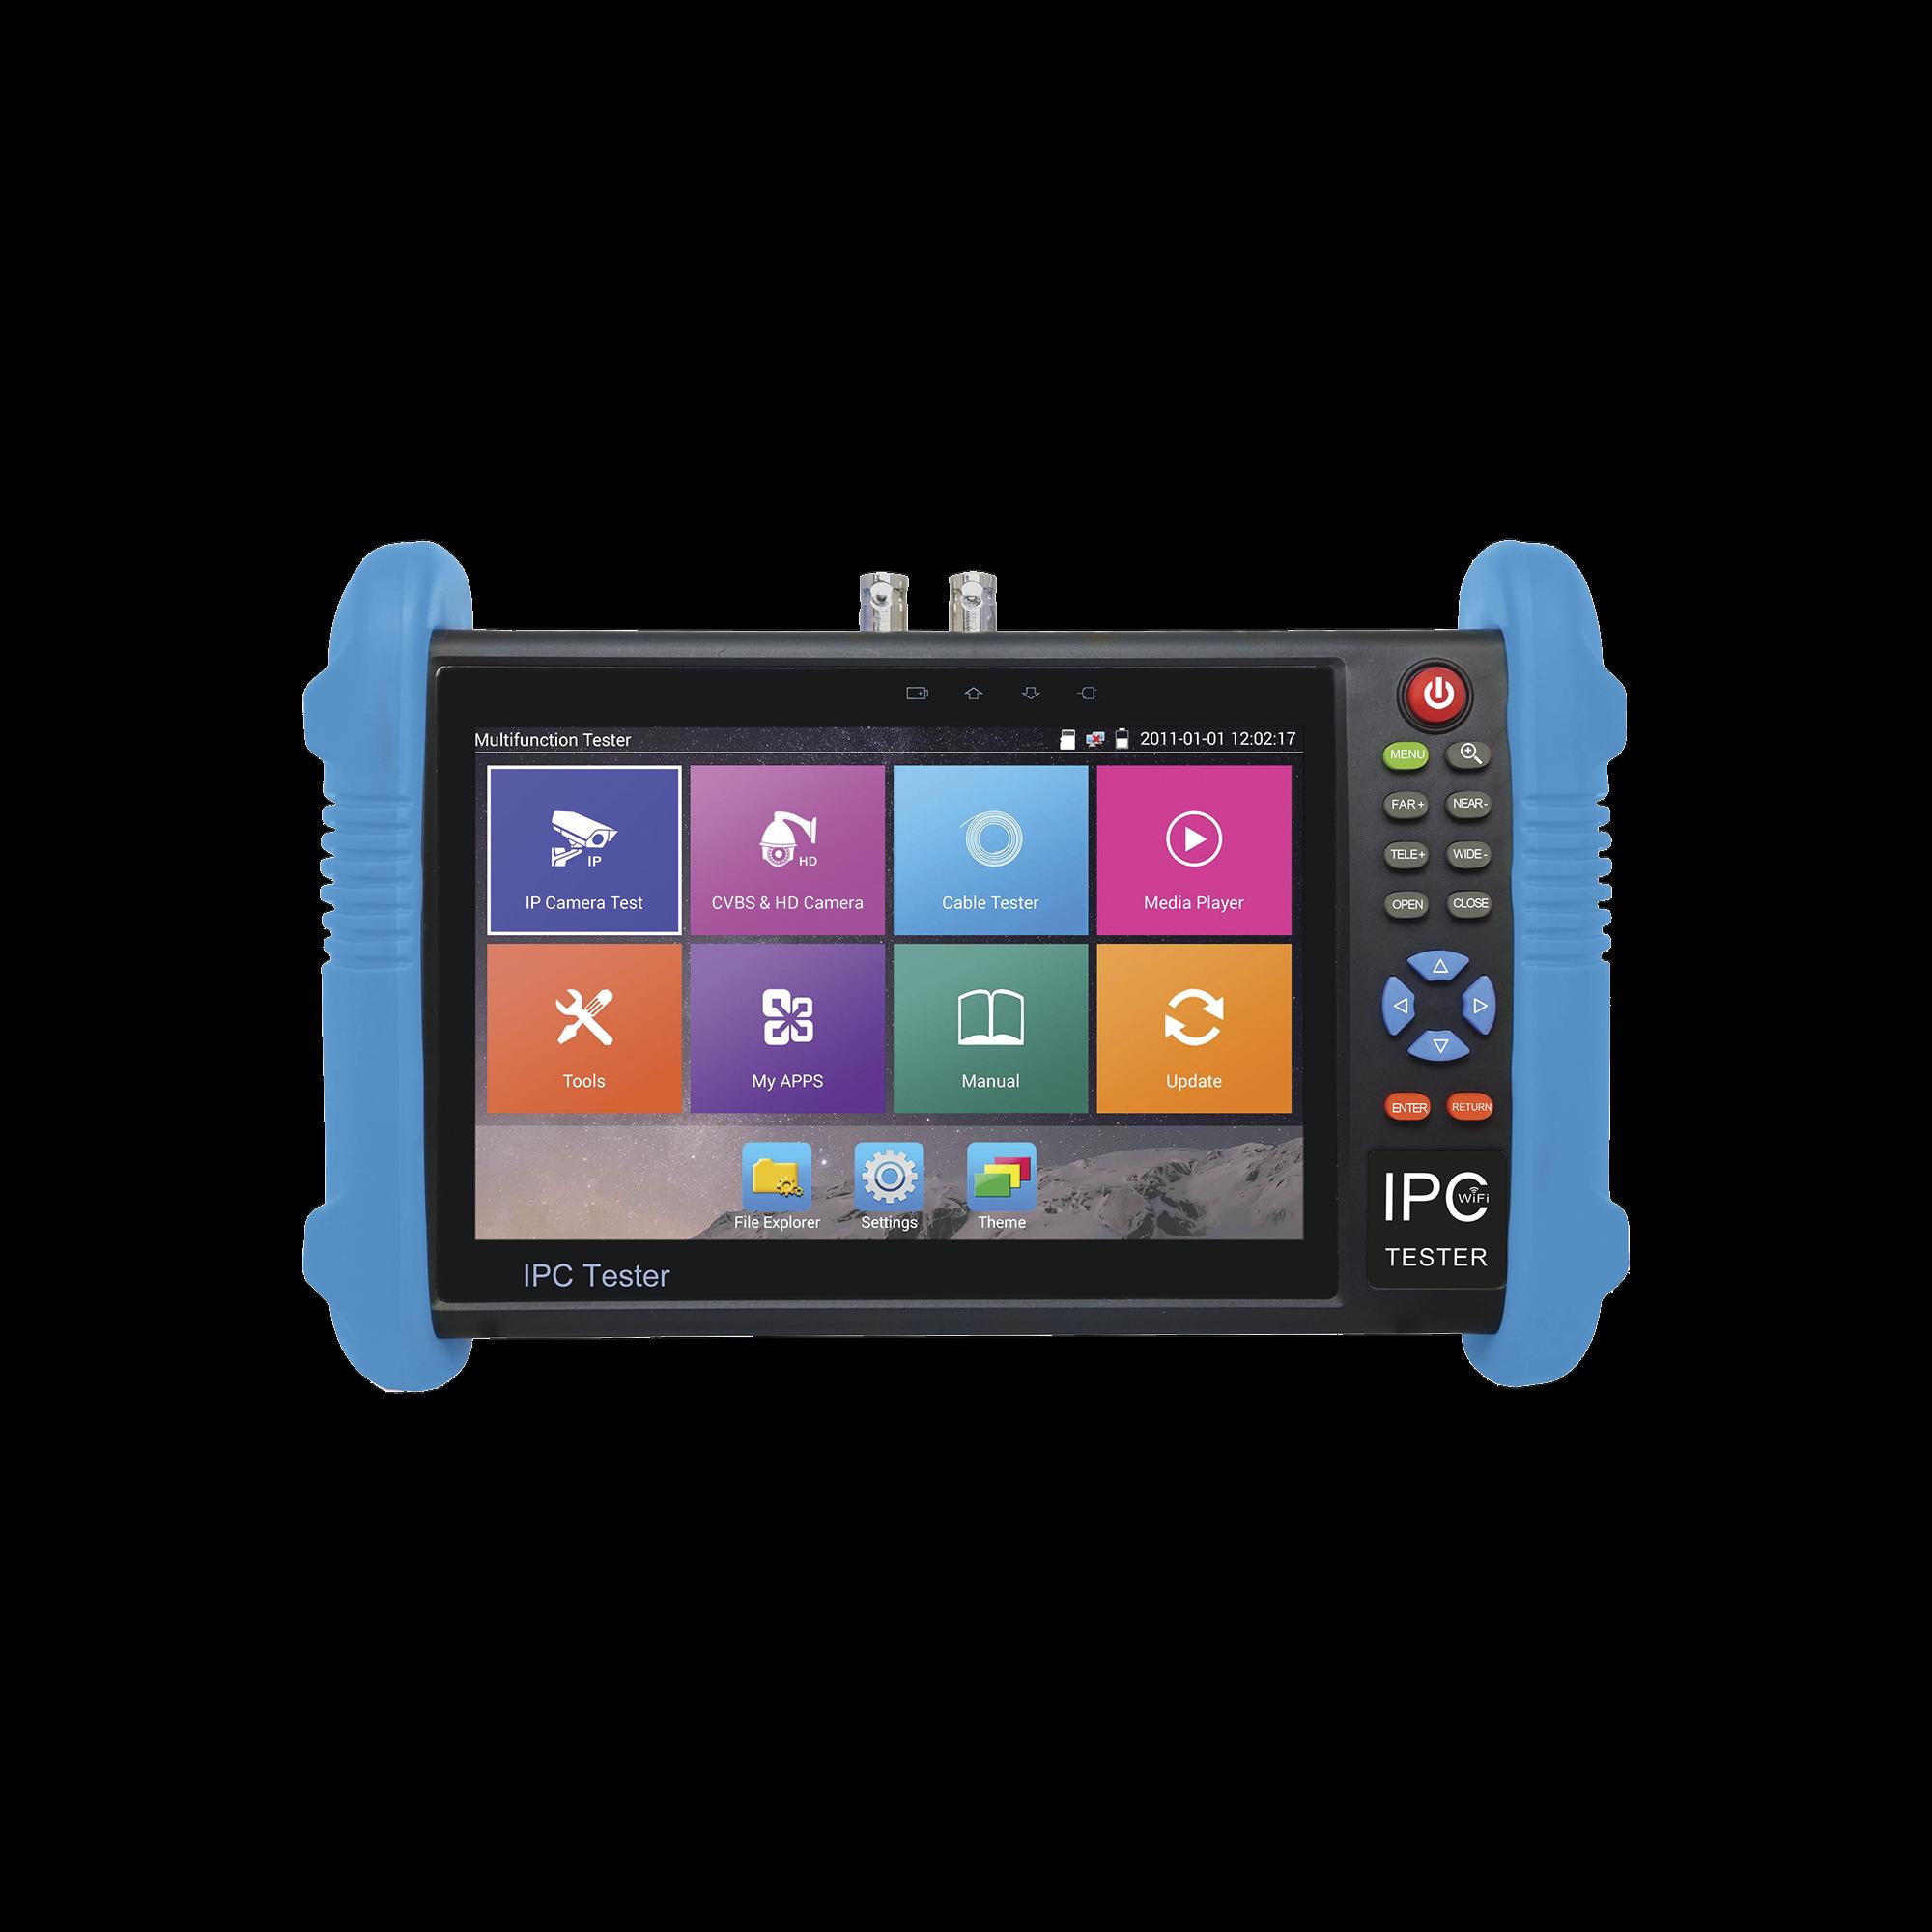 Probador de Vídeo Android con Pantalla LCD de 7 para IP ONVIF / HD-TVI (8MP), HD-CVI (8MP) y AHD (5MP) / Wi-Fi, Scanner IP, WiFi, entrada HDMI